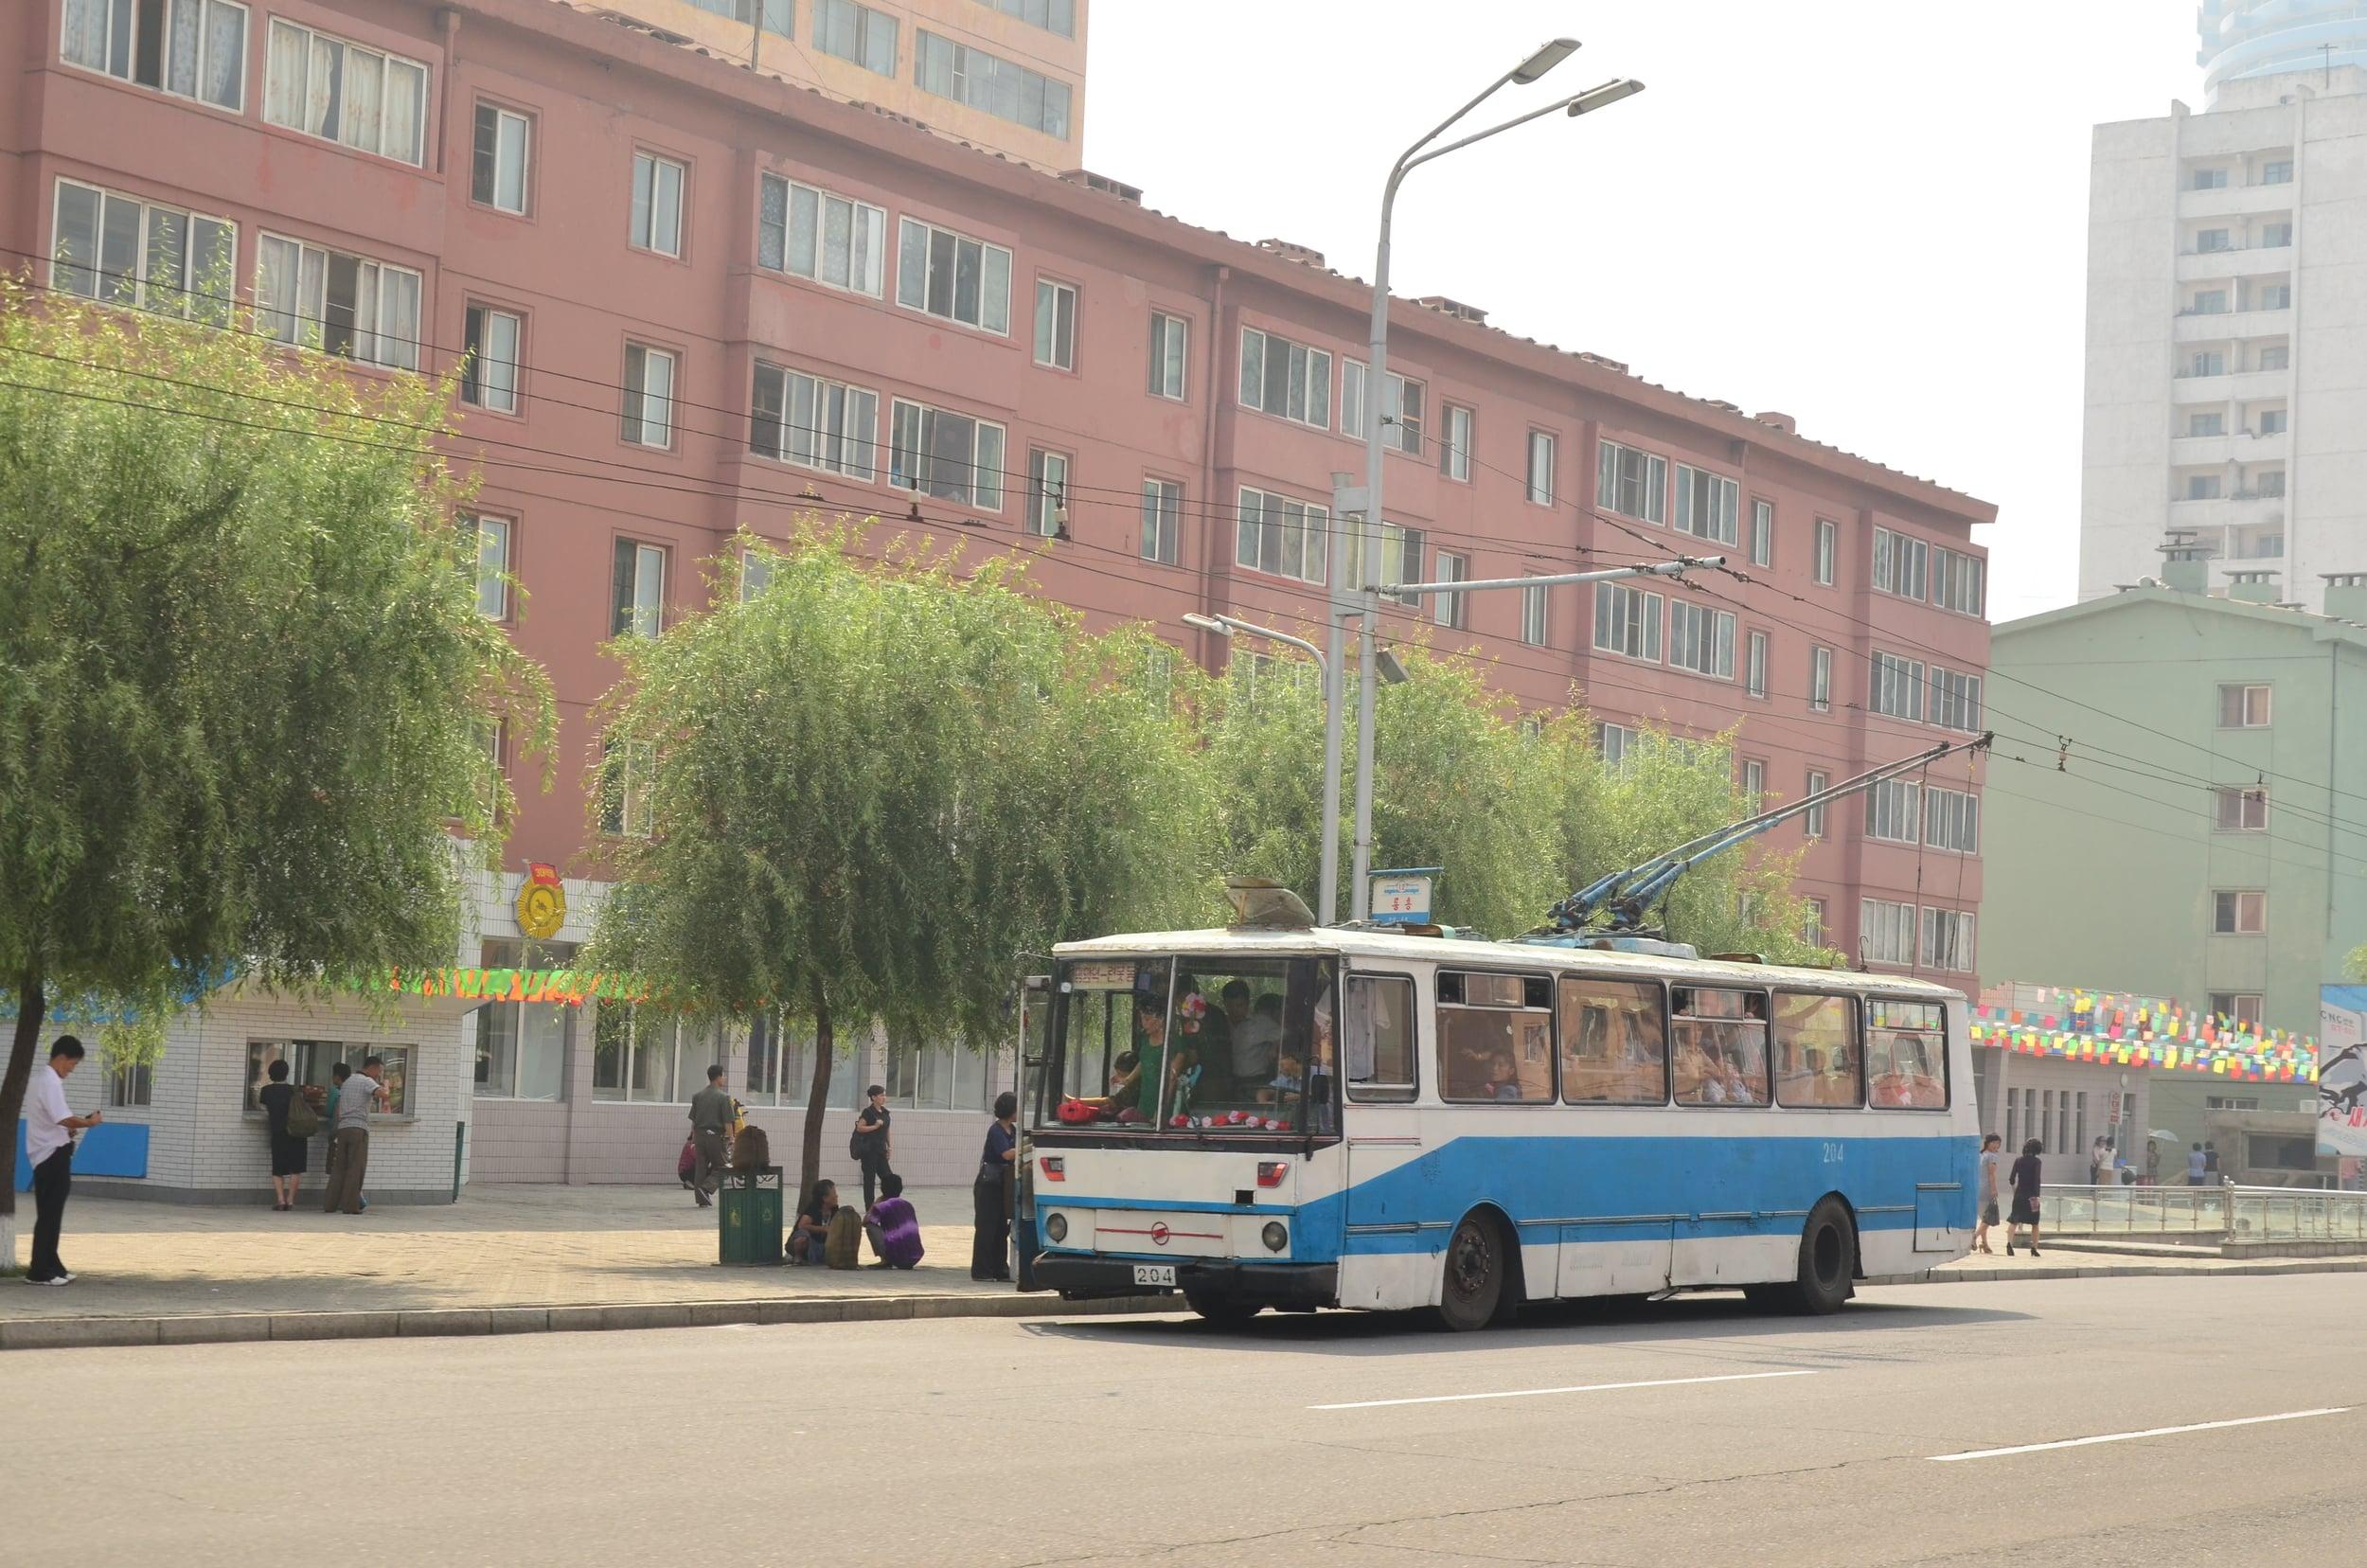 S trolejbusy postavenými na platformě vozů Karosa řady 730 se můžeme potkat v Severní Koreji. (foto: Martin Junge)